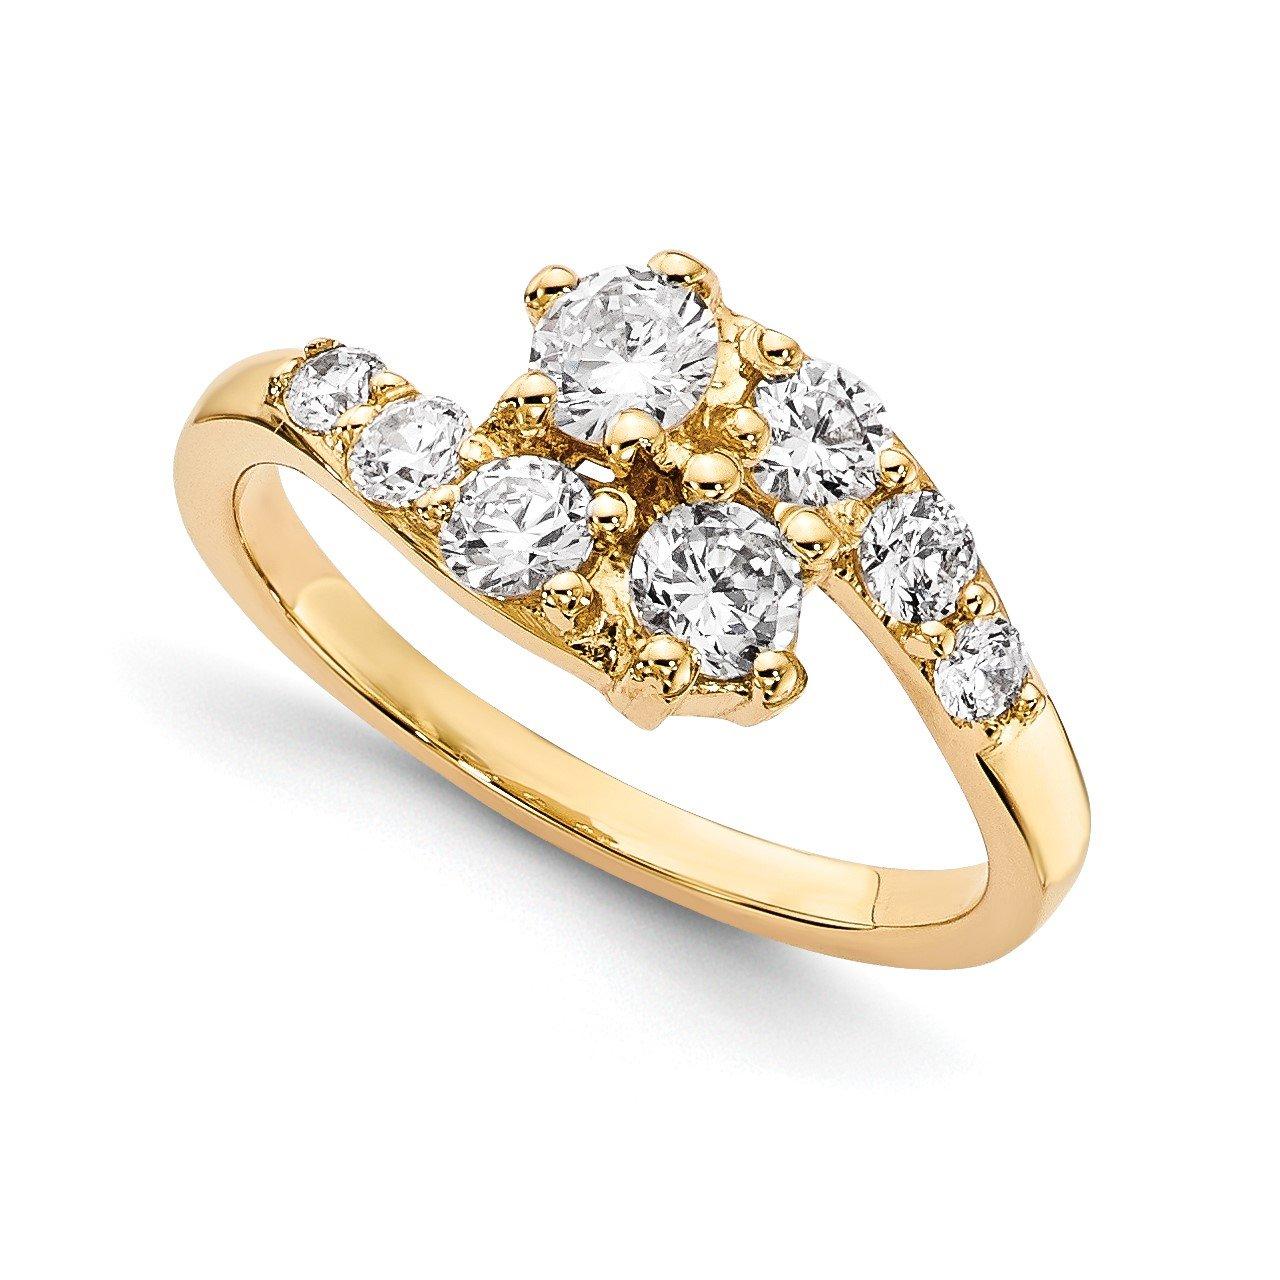 14KY AA Diamond 2-stone Ring Semi-Mount - 2.6 mm center stones